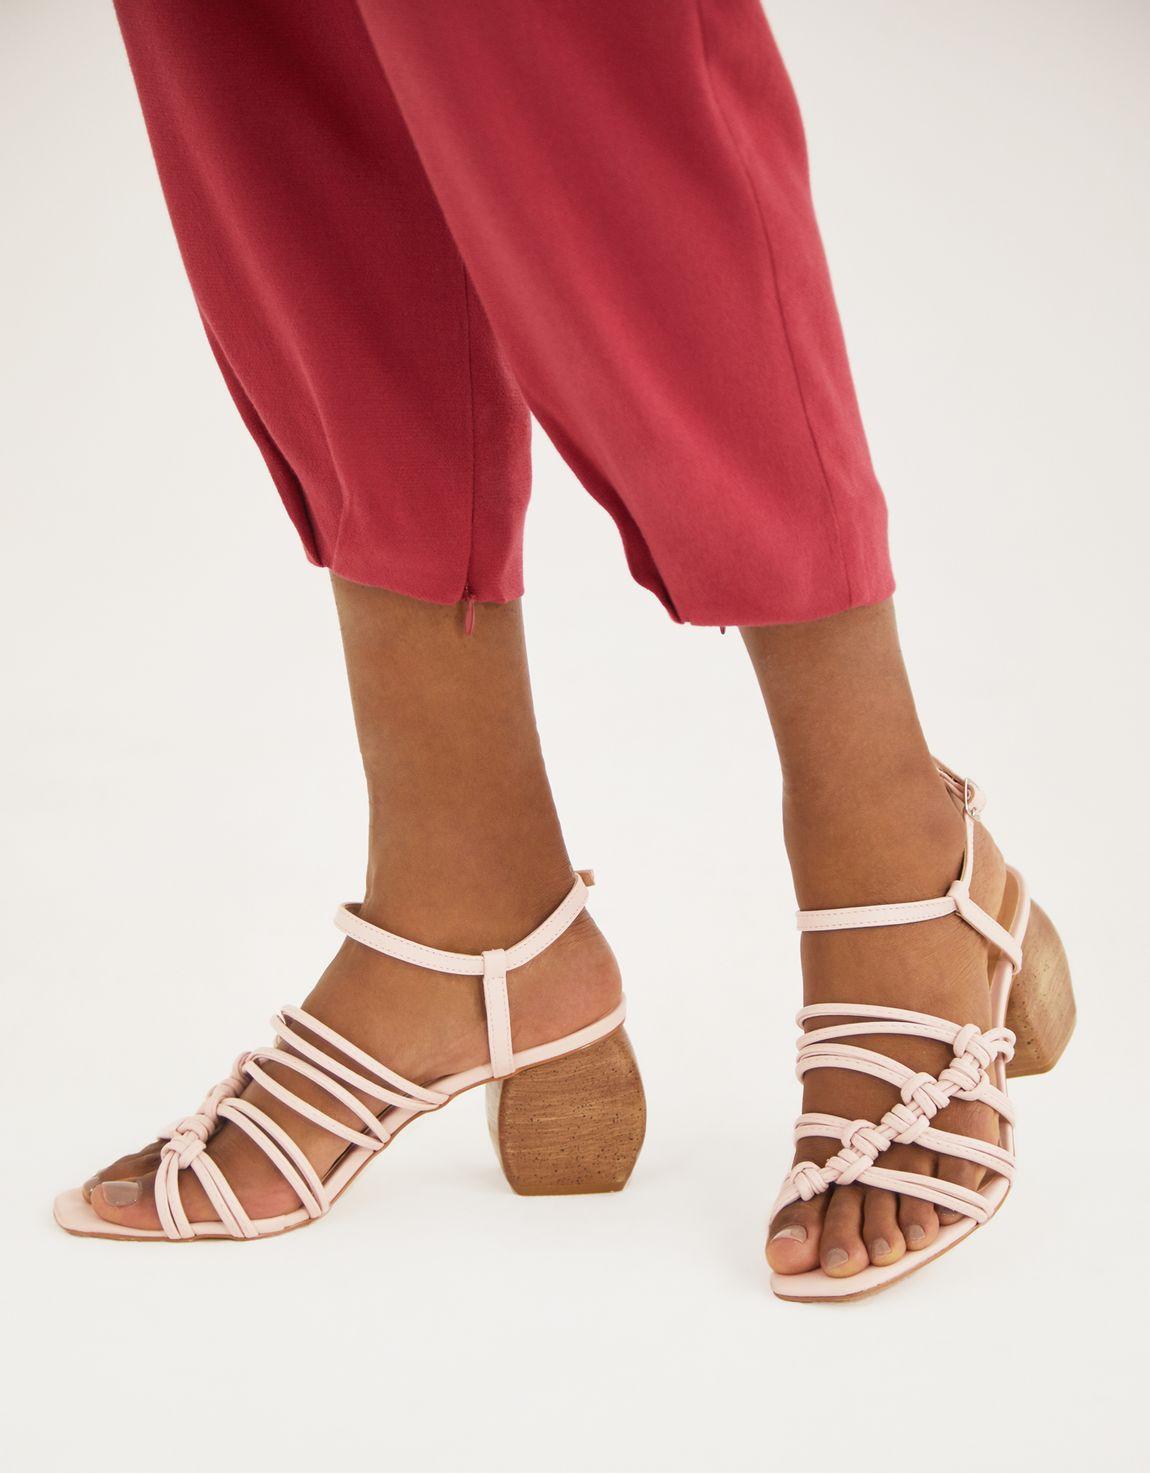 Sandália tiras rose salto madeira